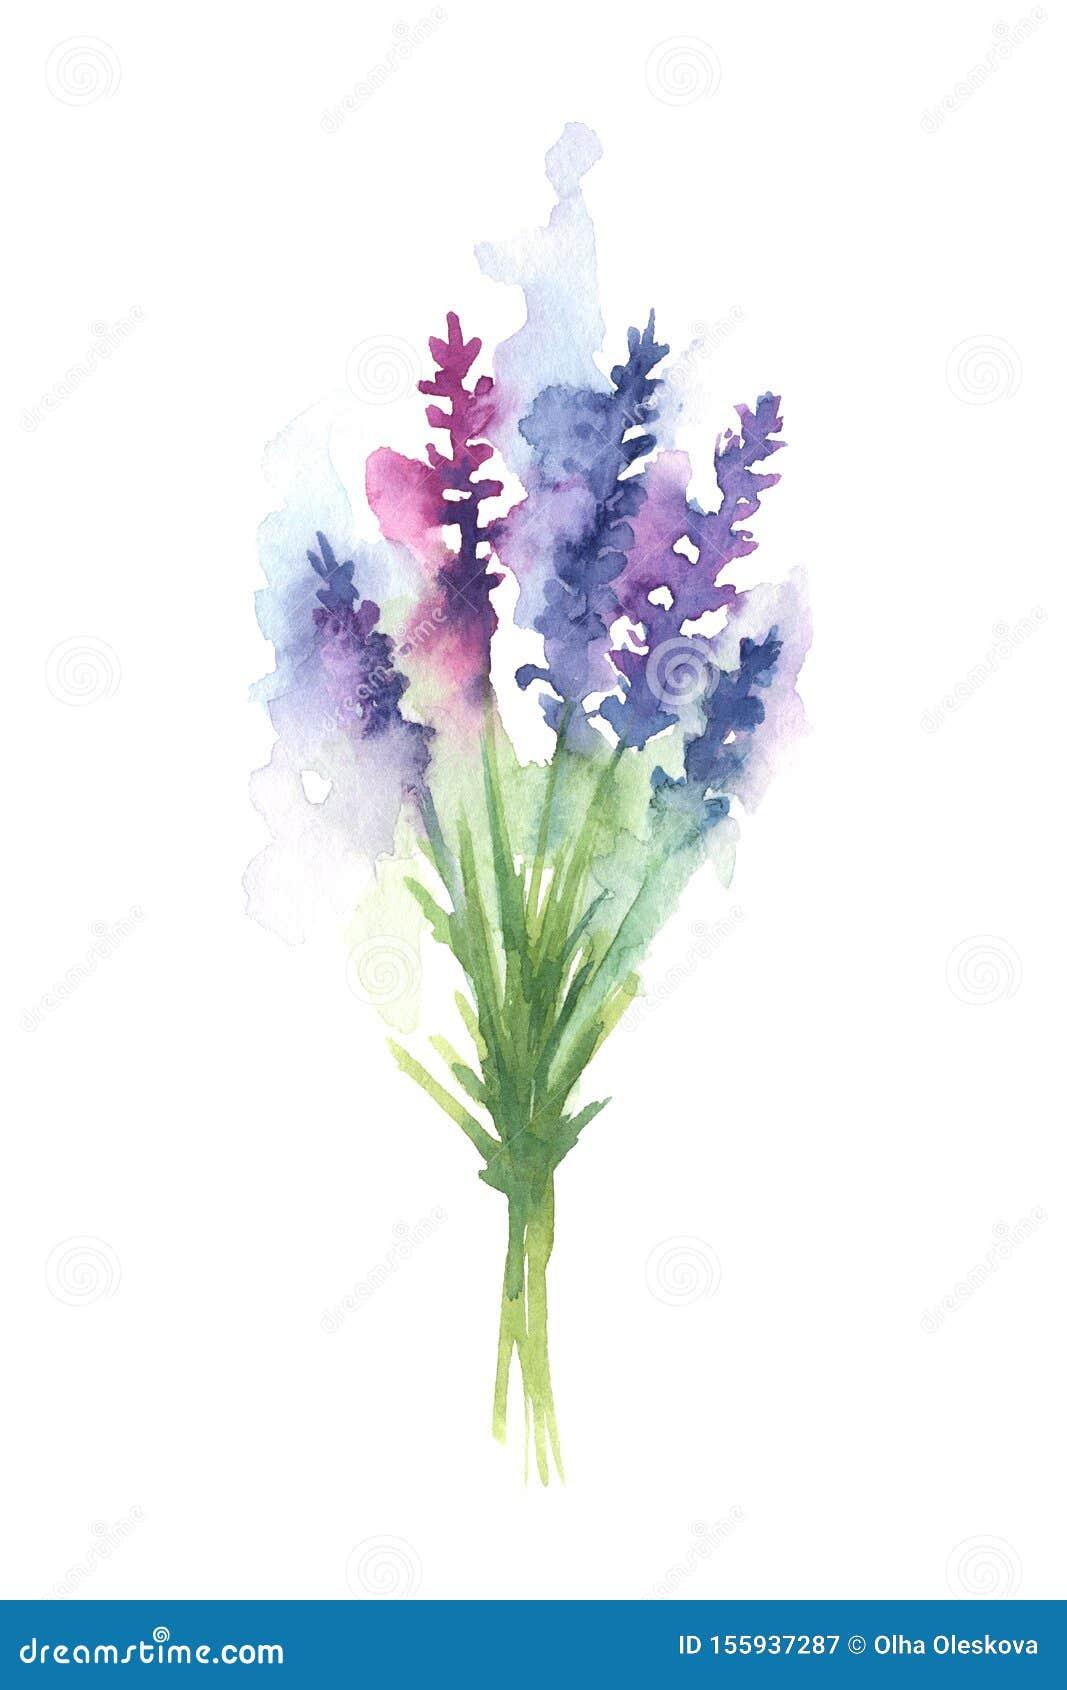 Watercolor Illustration Of Lavender Bouquet Stock Illustration Illustration Of Blue Herbal 155937287